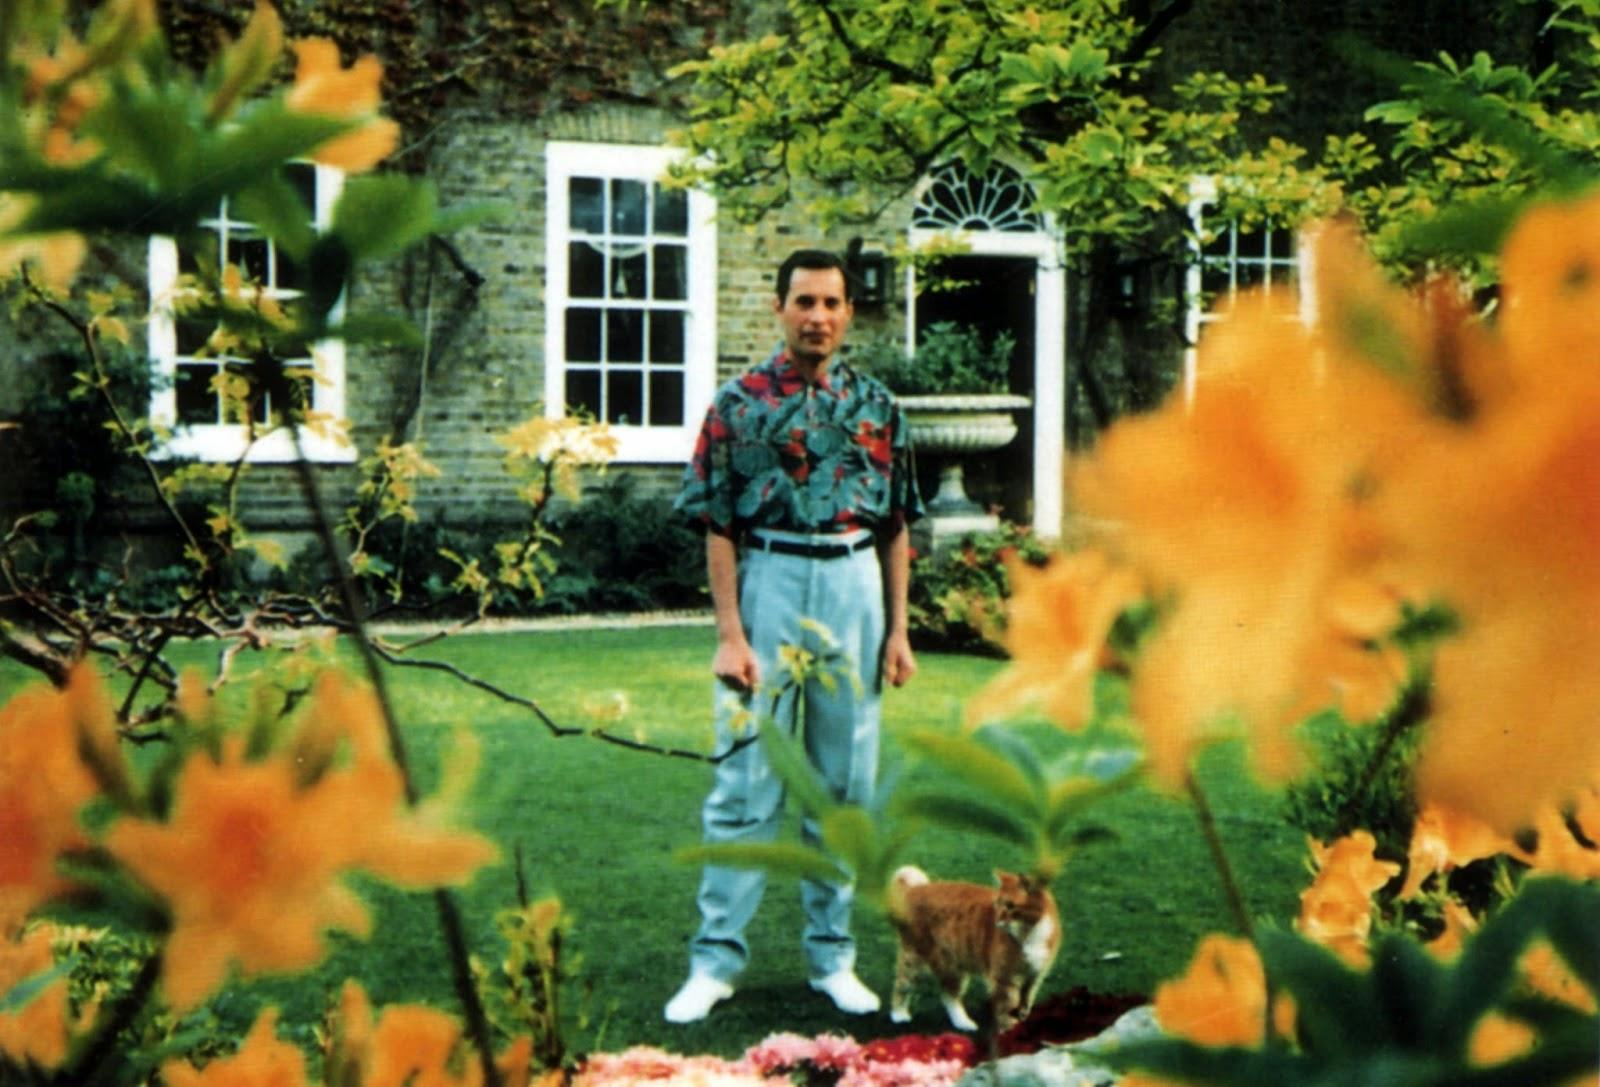 Последната снимка на Фреди - от дома му в Кенсингтън, заснета от папараци малко преди смъртта му.